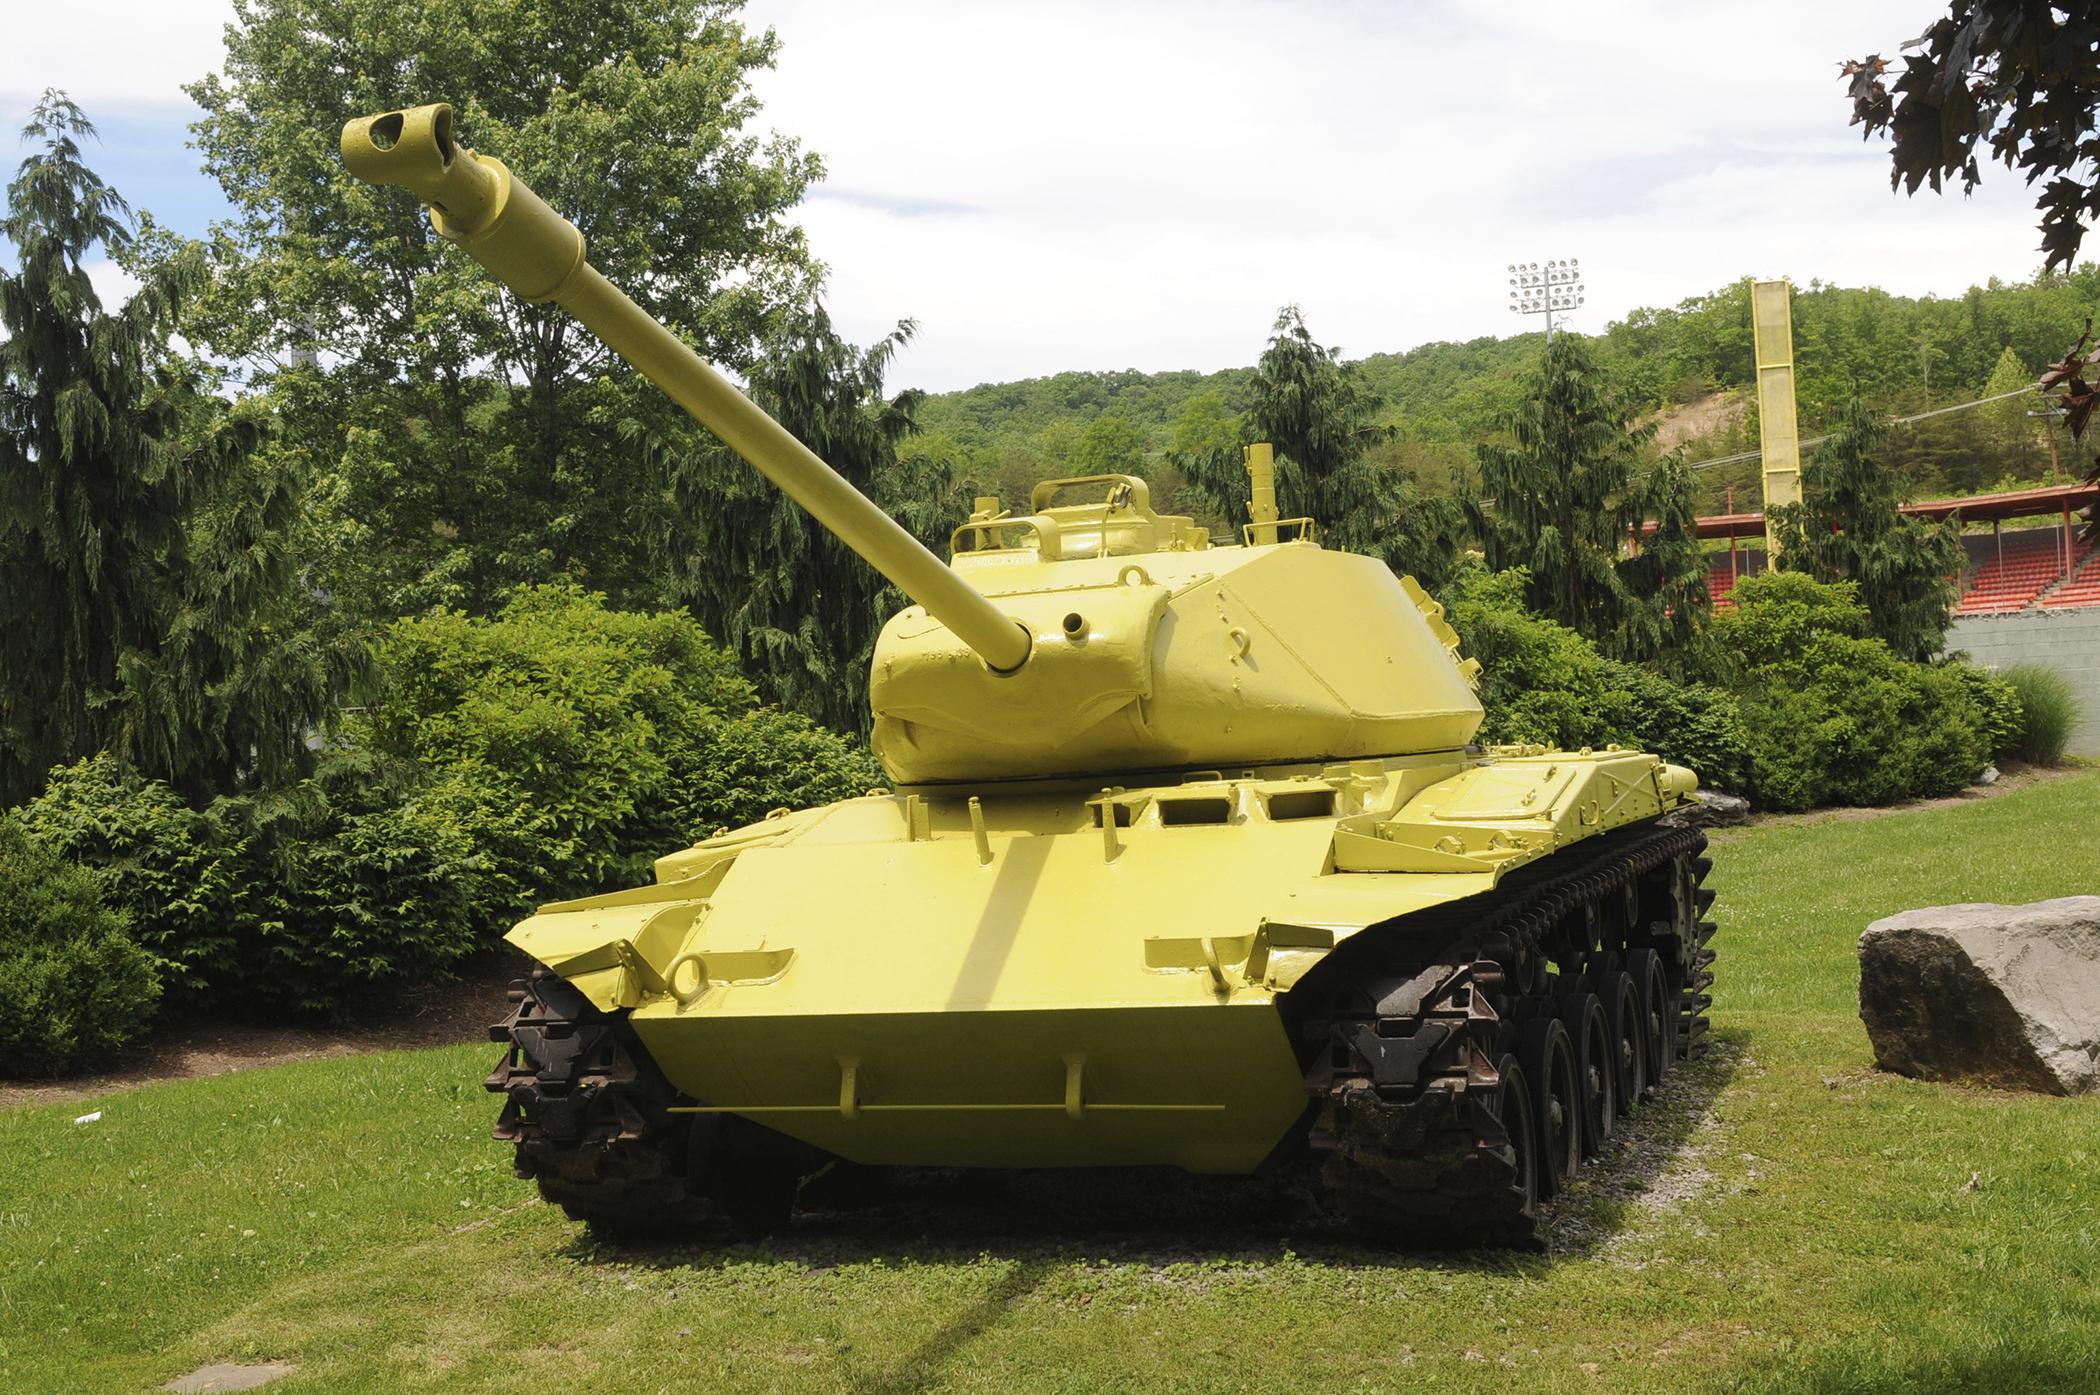 Lemon Yellow Tank_1558738231738